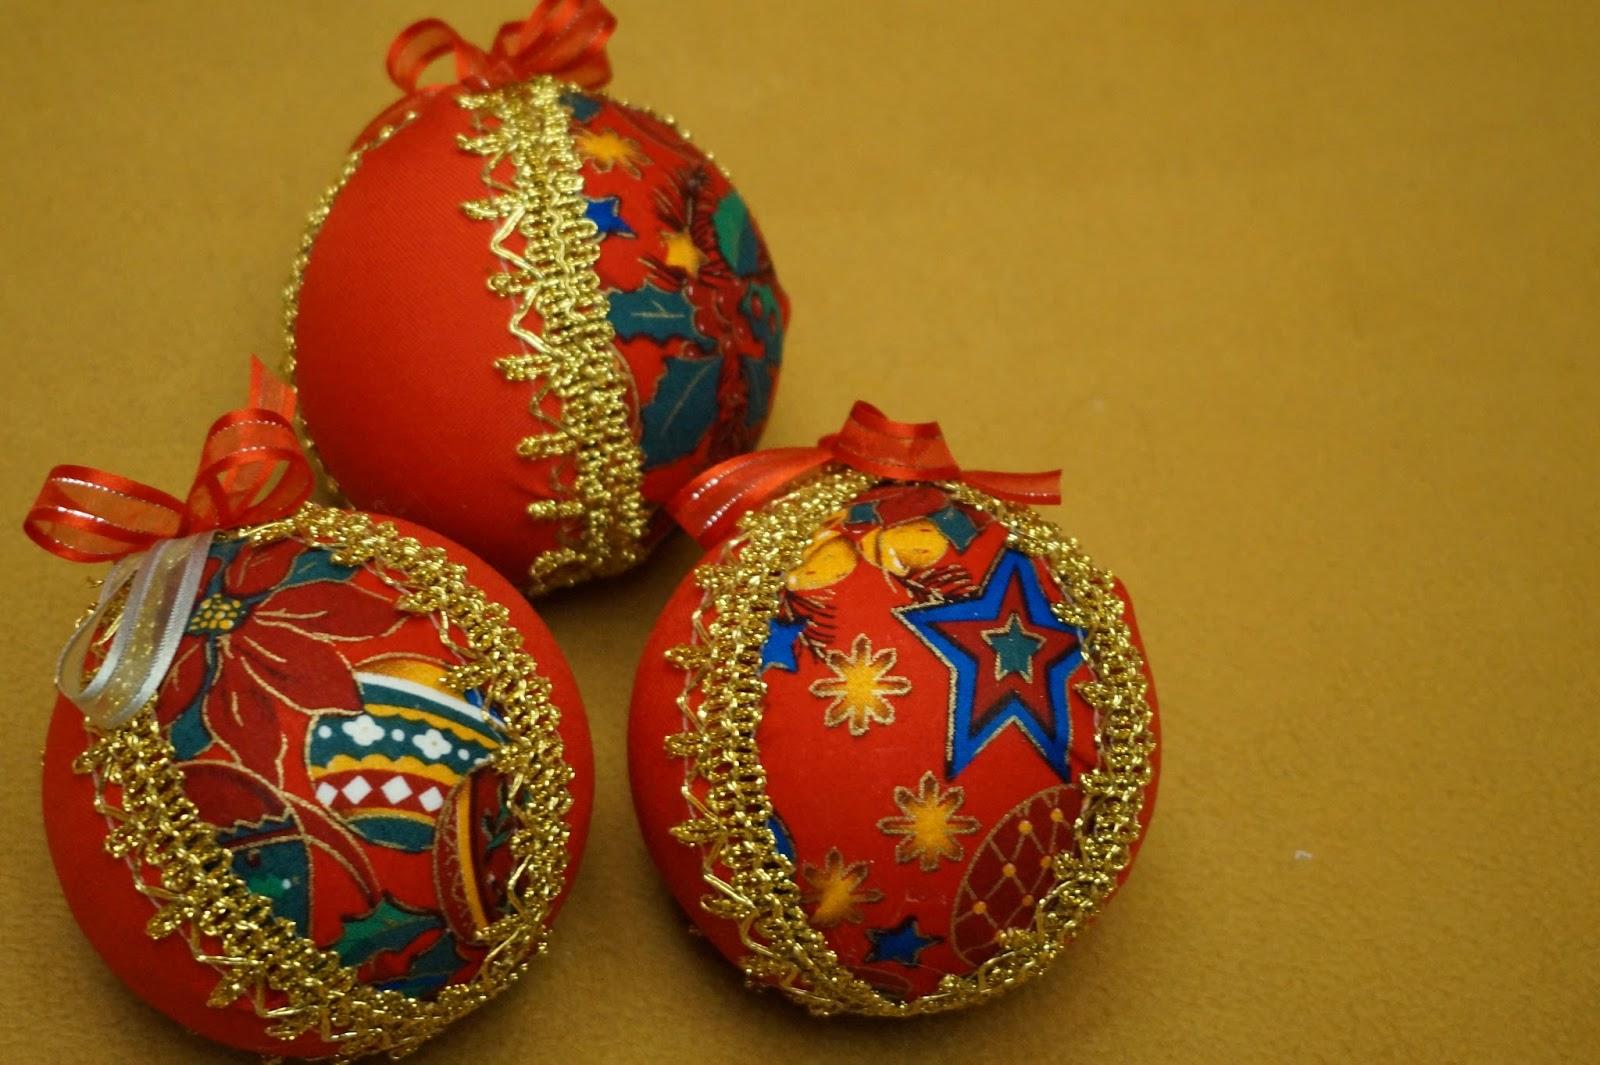 Vanne manualistas tutorial esferas de navidad f cil - Bolas de navidad grandes ...